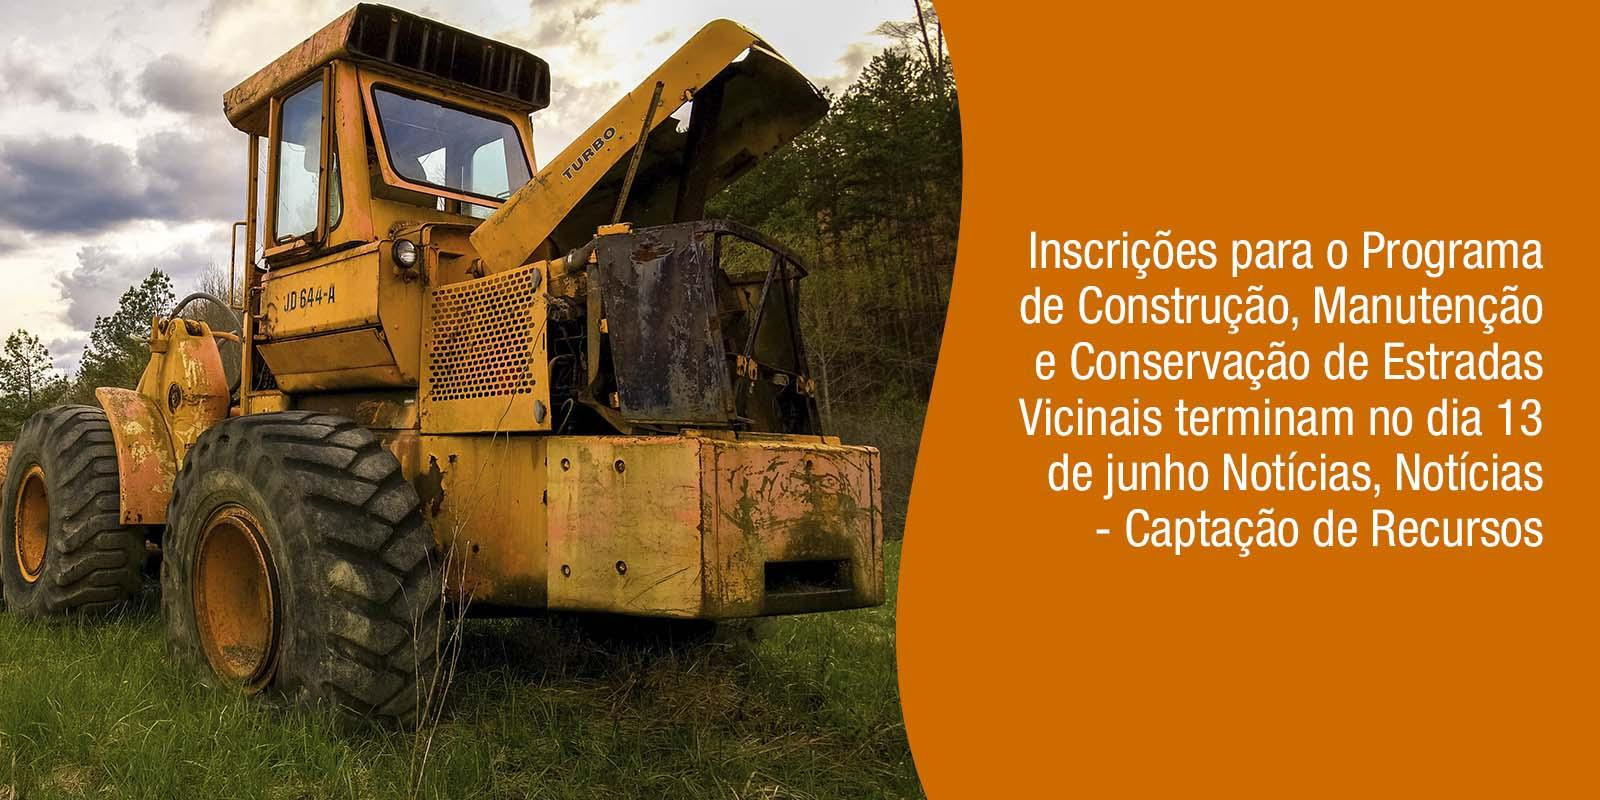 Portal AMM informa: Inscrições para o Programa de Construção, Manutenção e Conservação de Estradas Vicinais terminam no dia 13 de junho